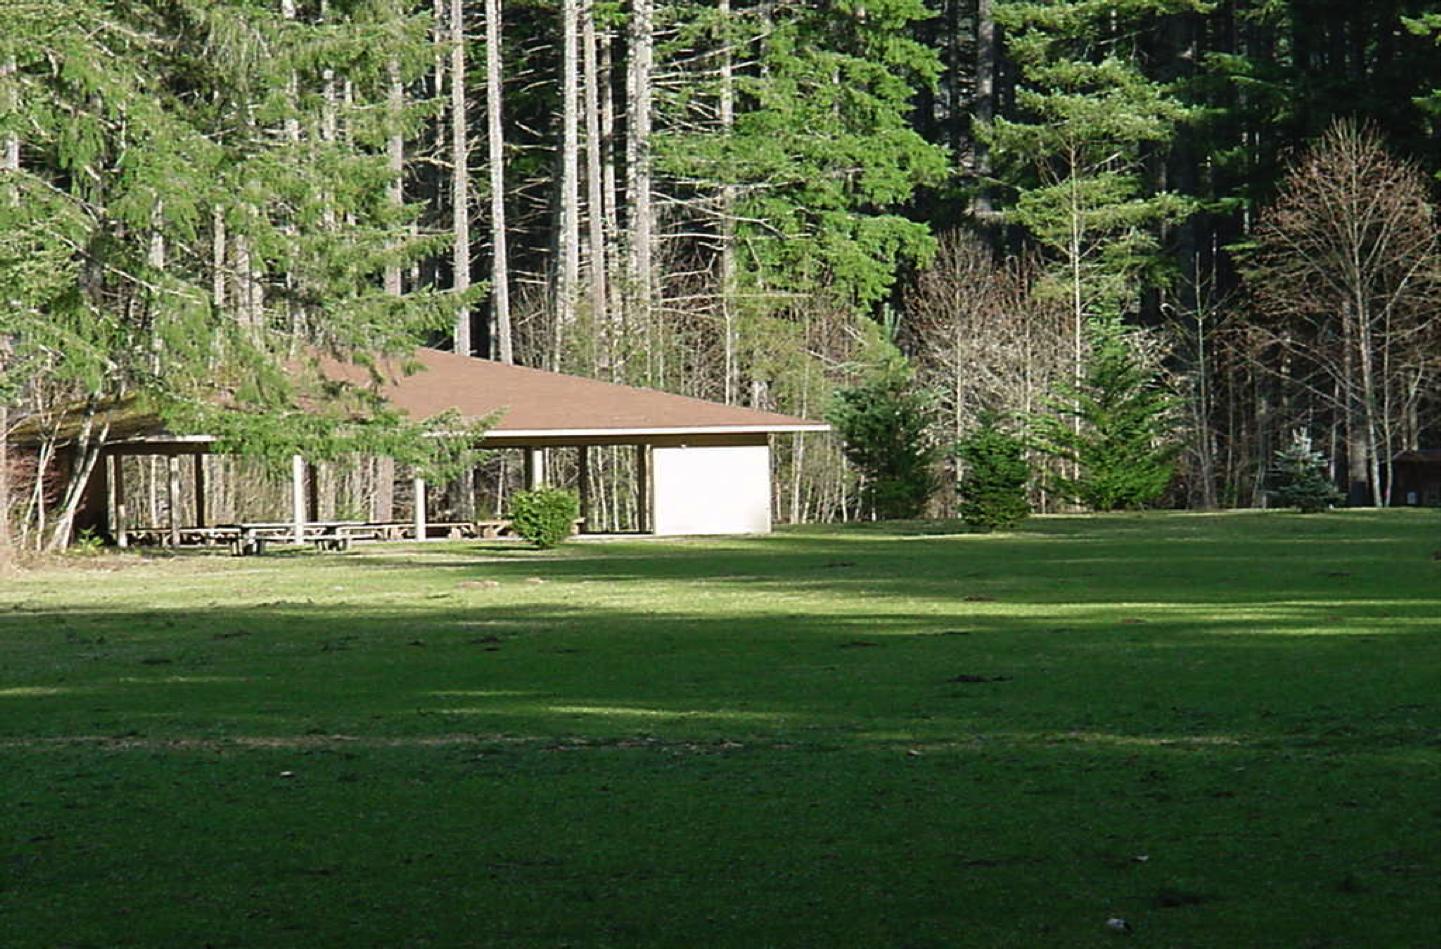 Tower Rock Pavilion